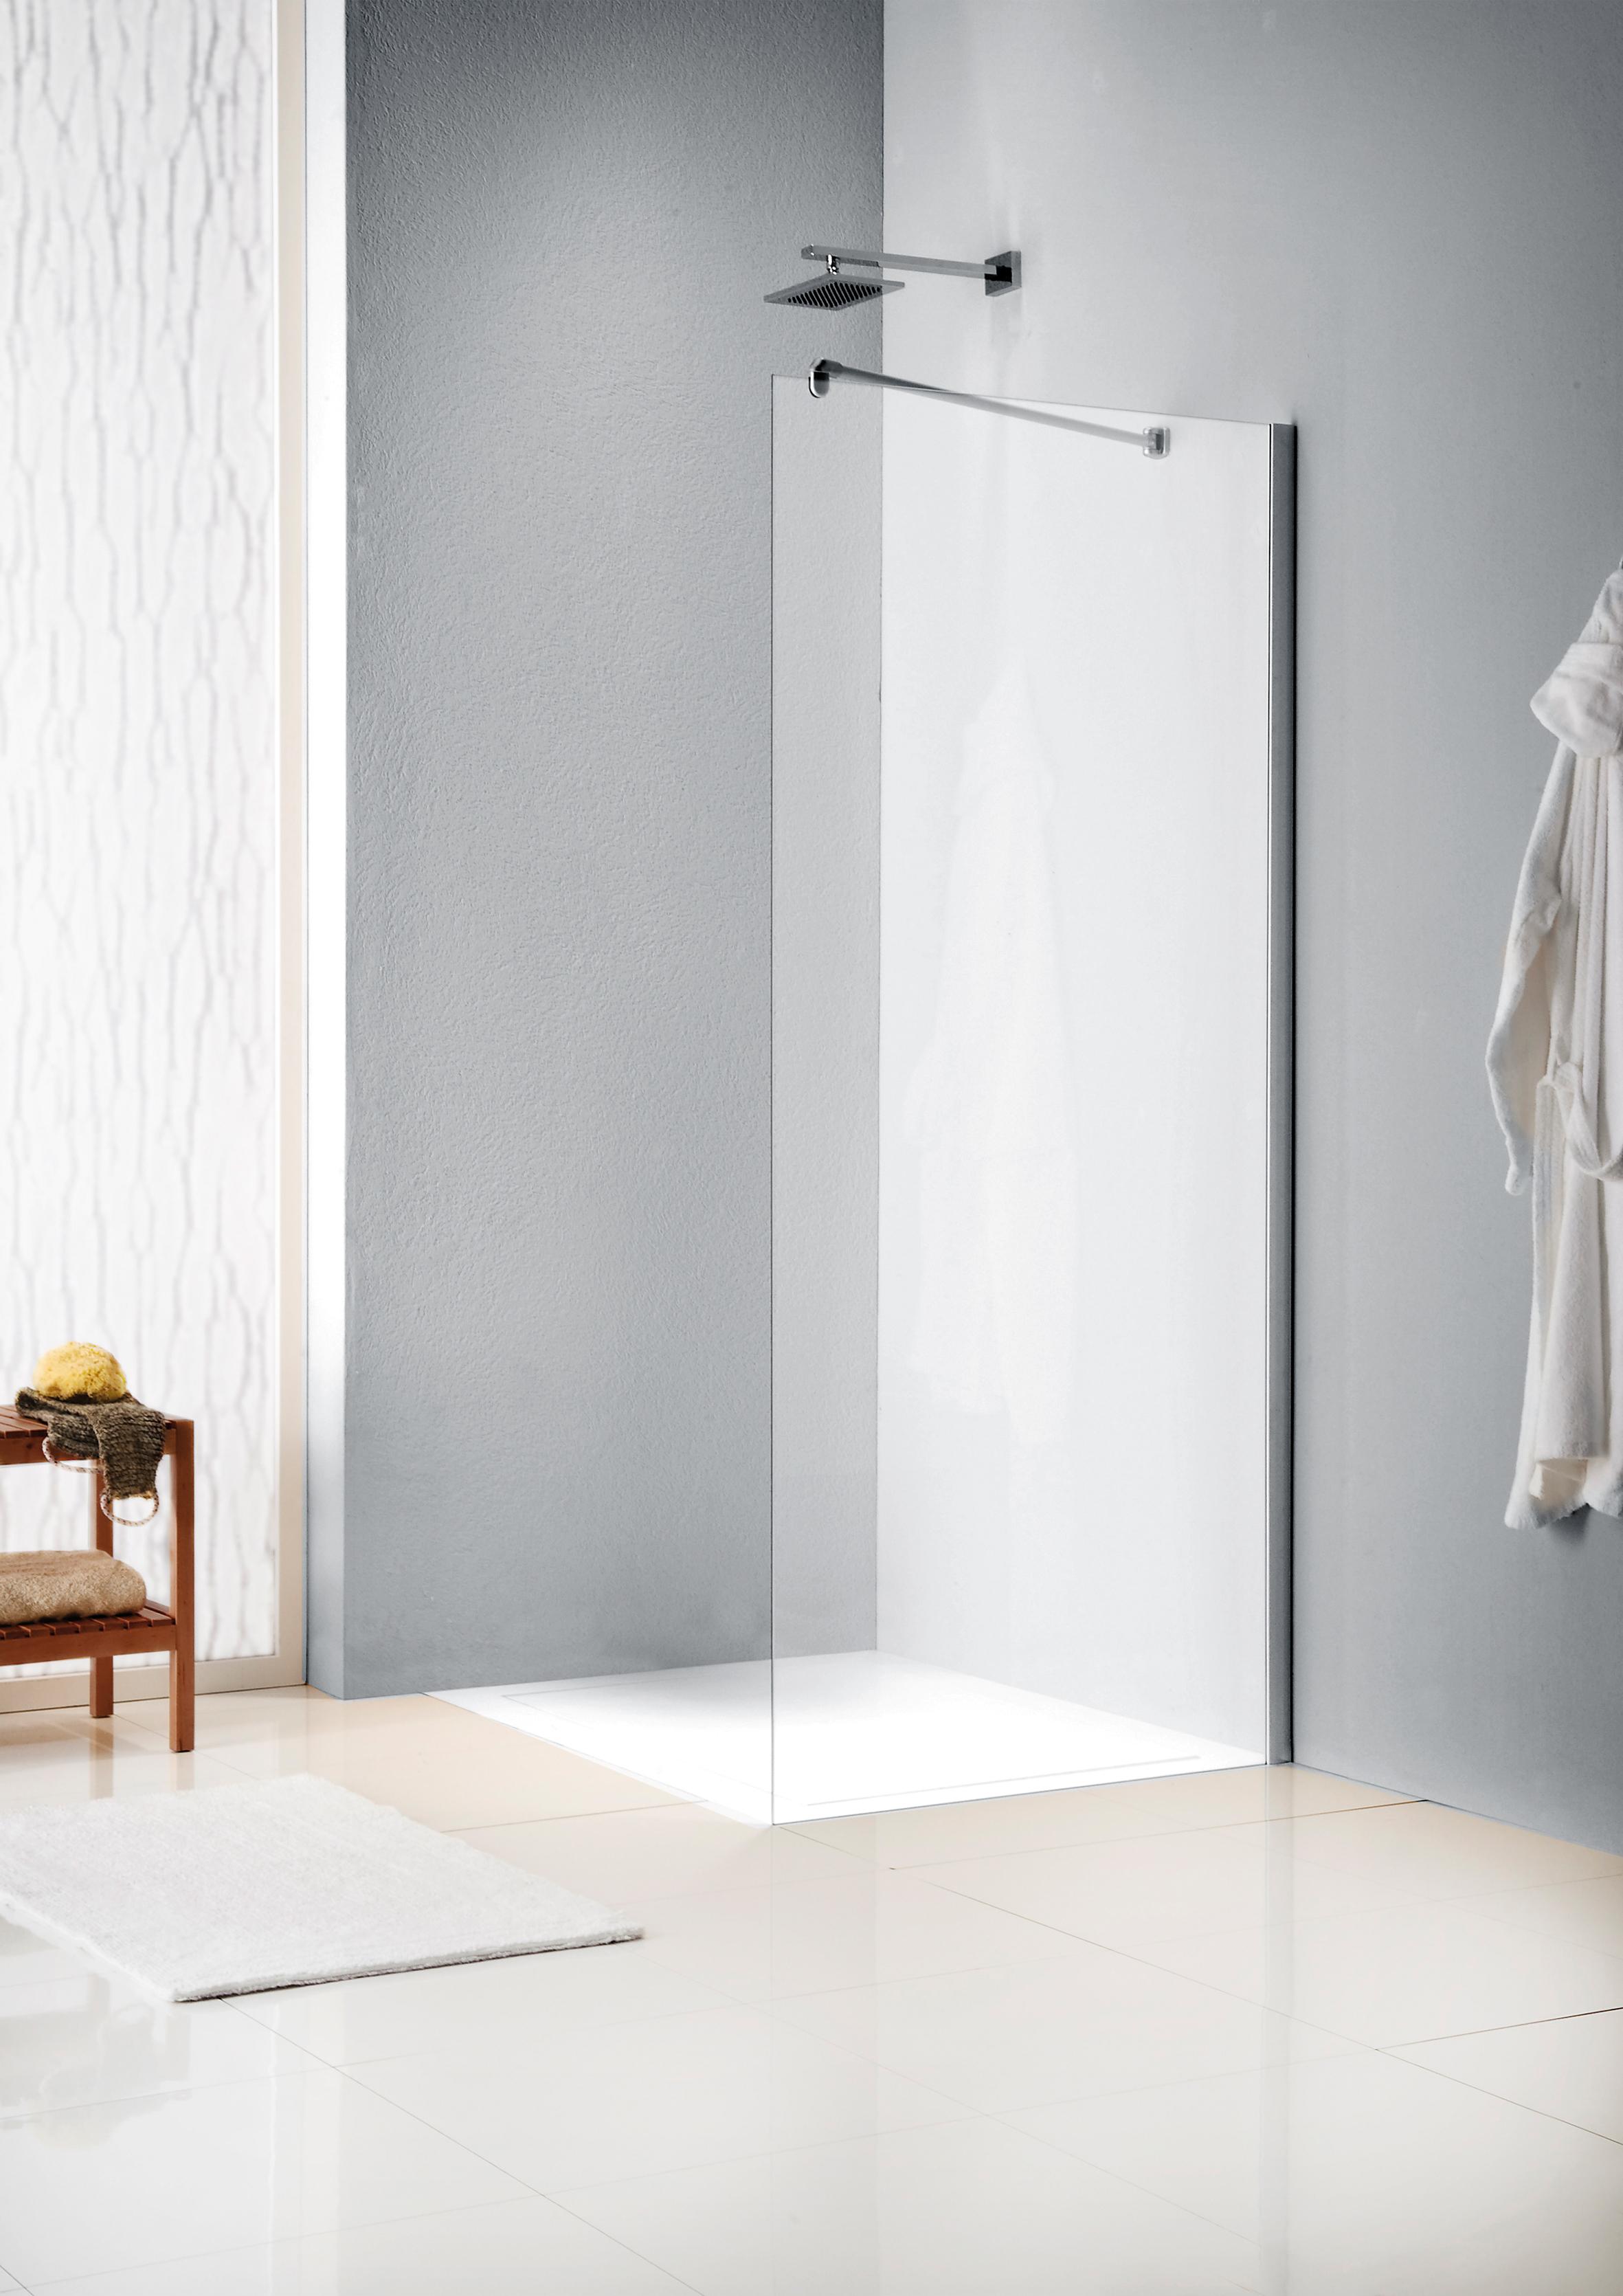 Sealskin Get Wet W205 inloopdouche 120x200cm mat zilver profiel en helder glas met gesatineerde band